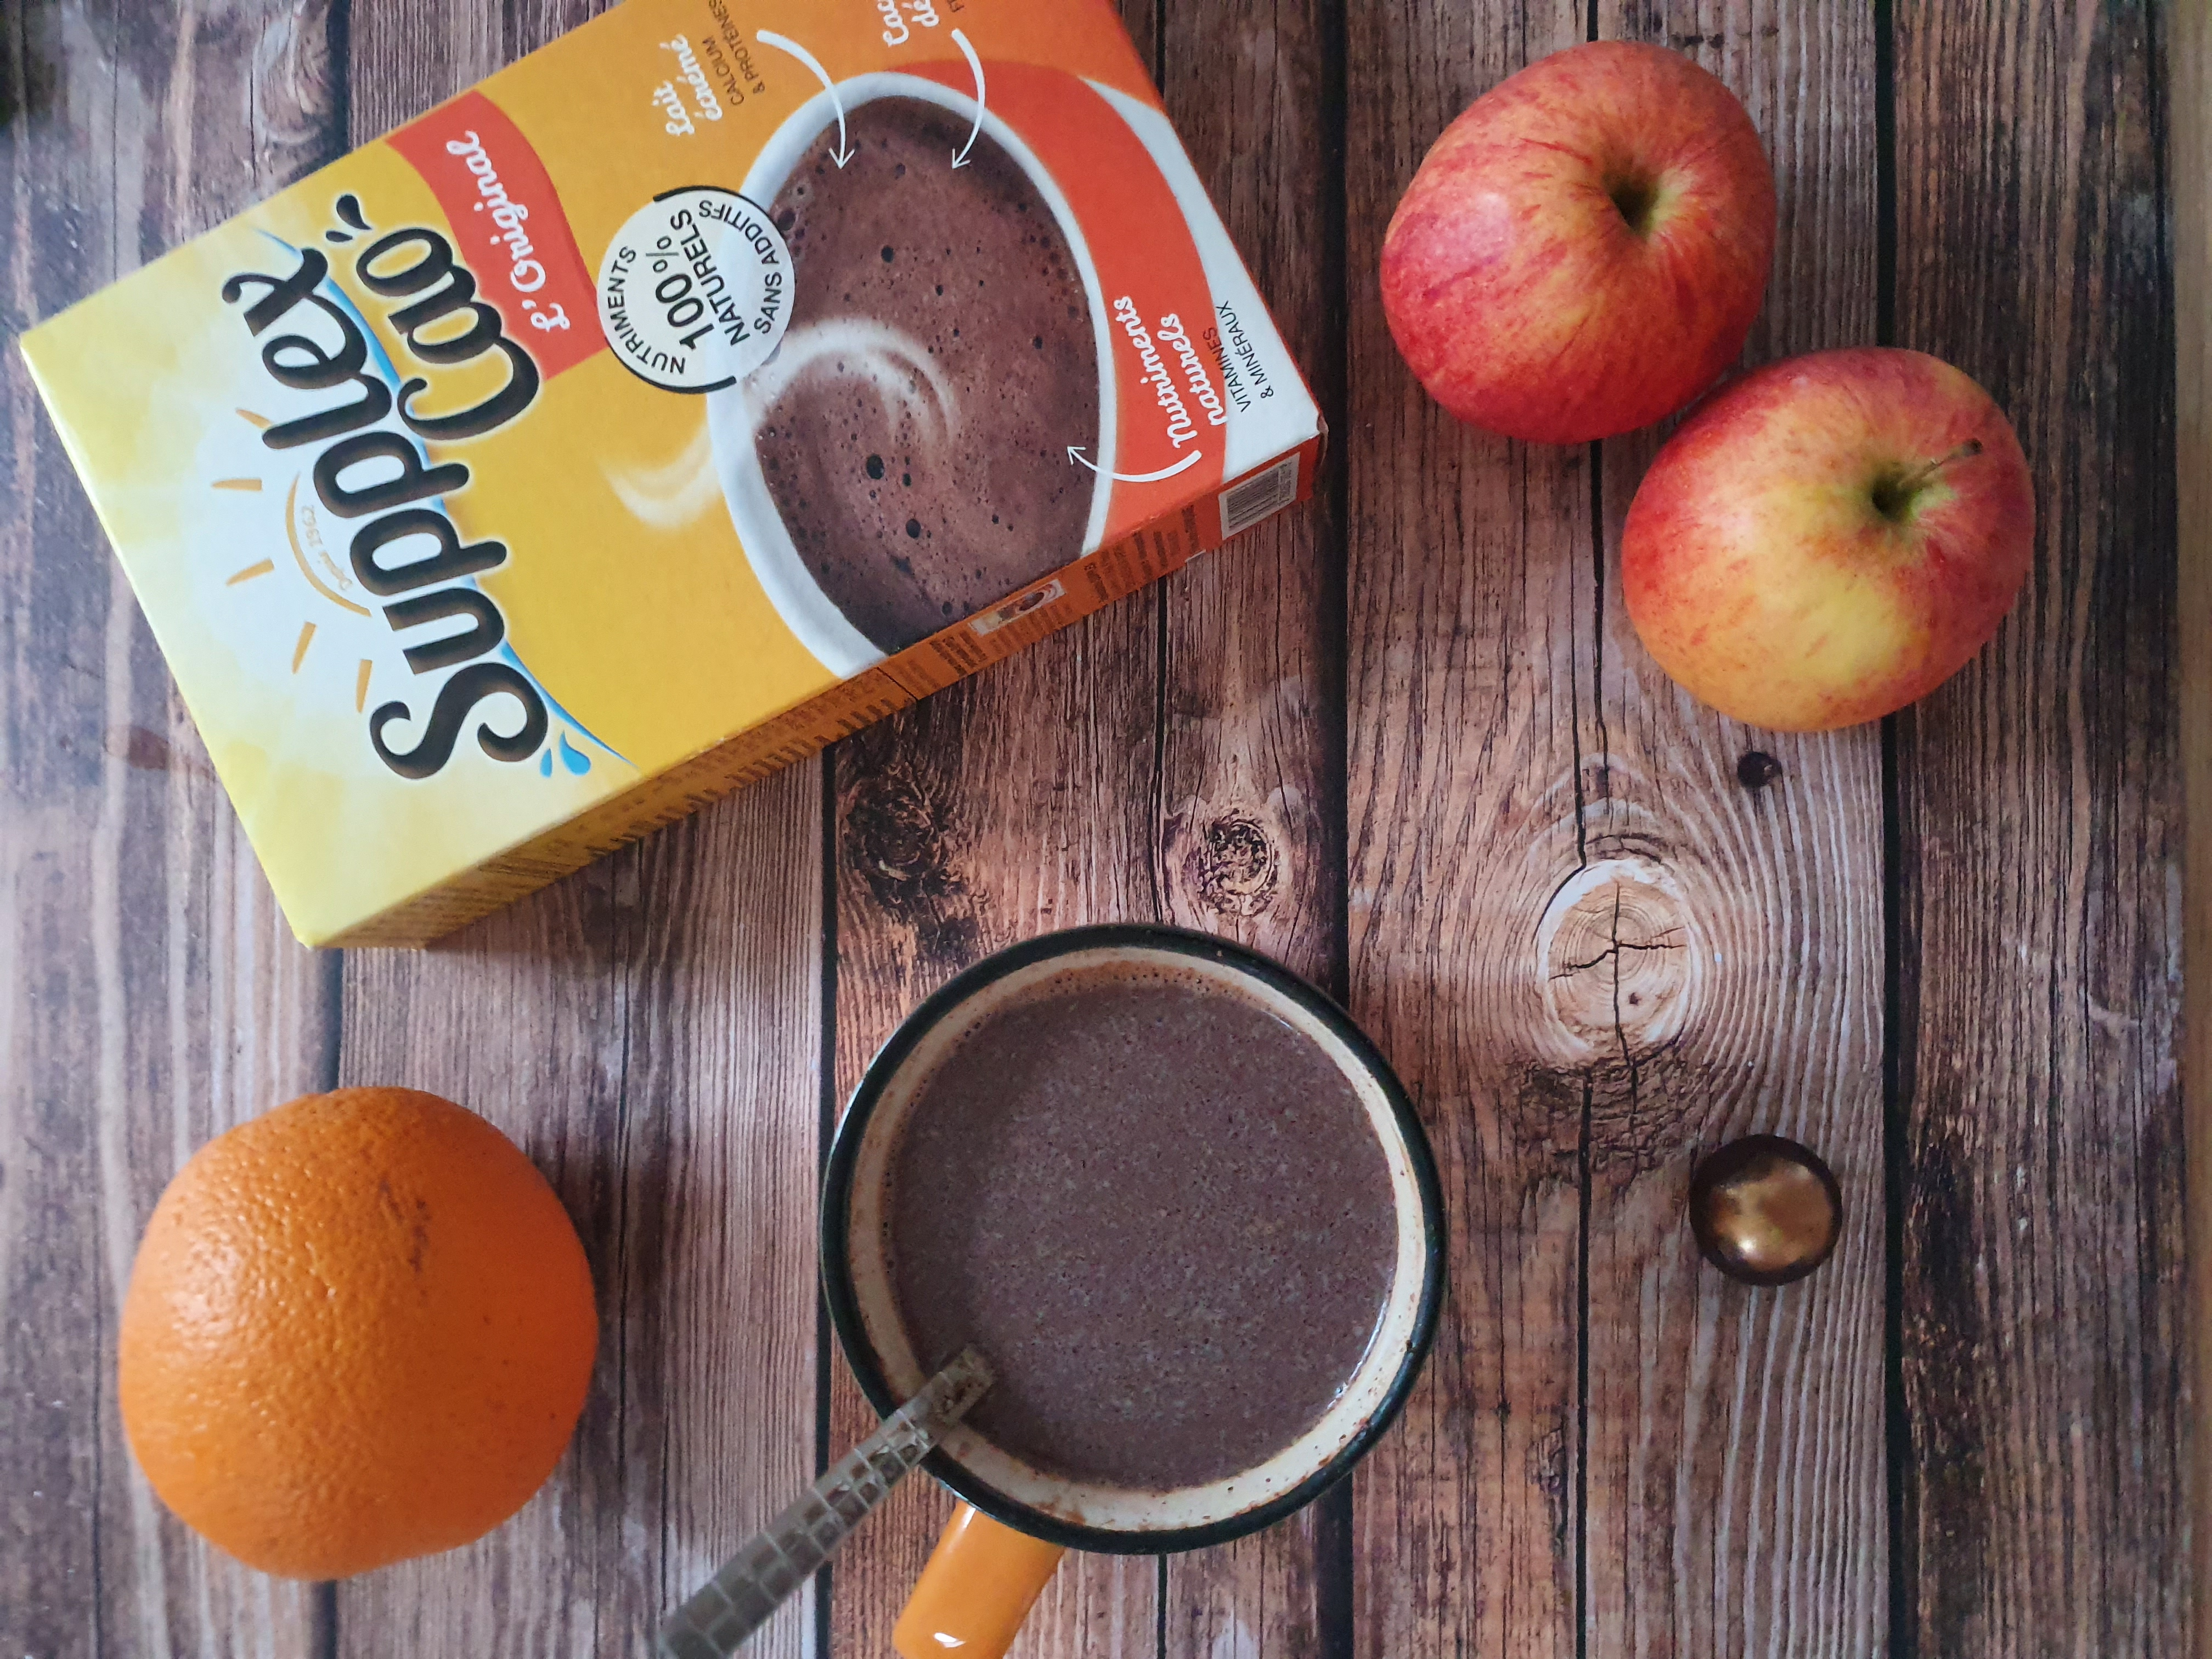 Retrouvez la recette du hot chocolate bomb avec du supplex cao.